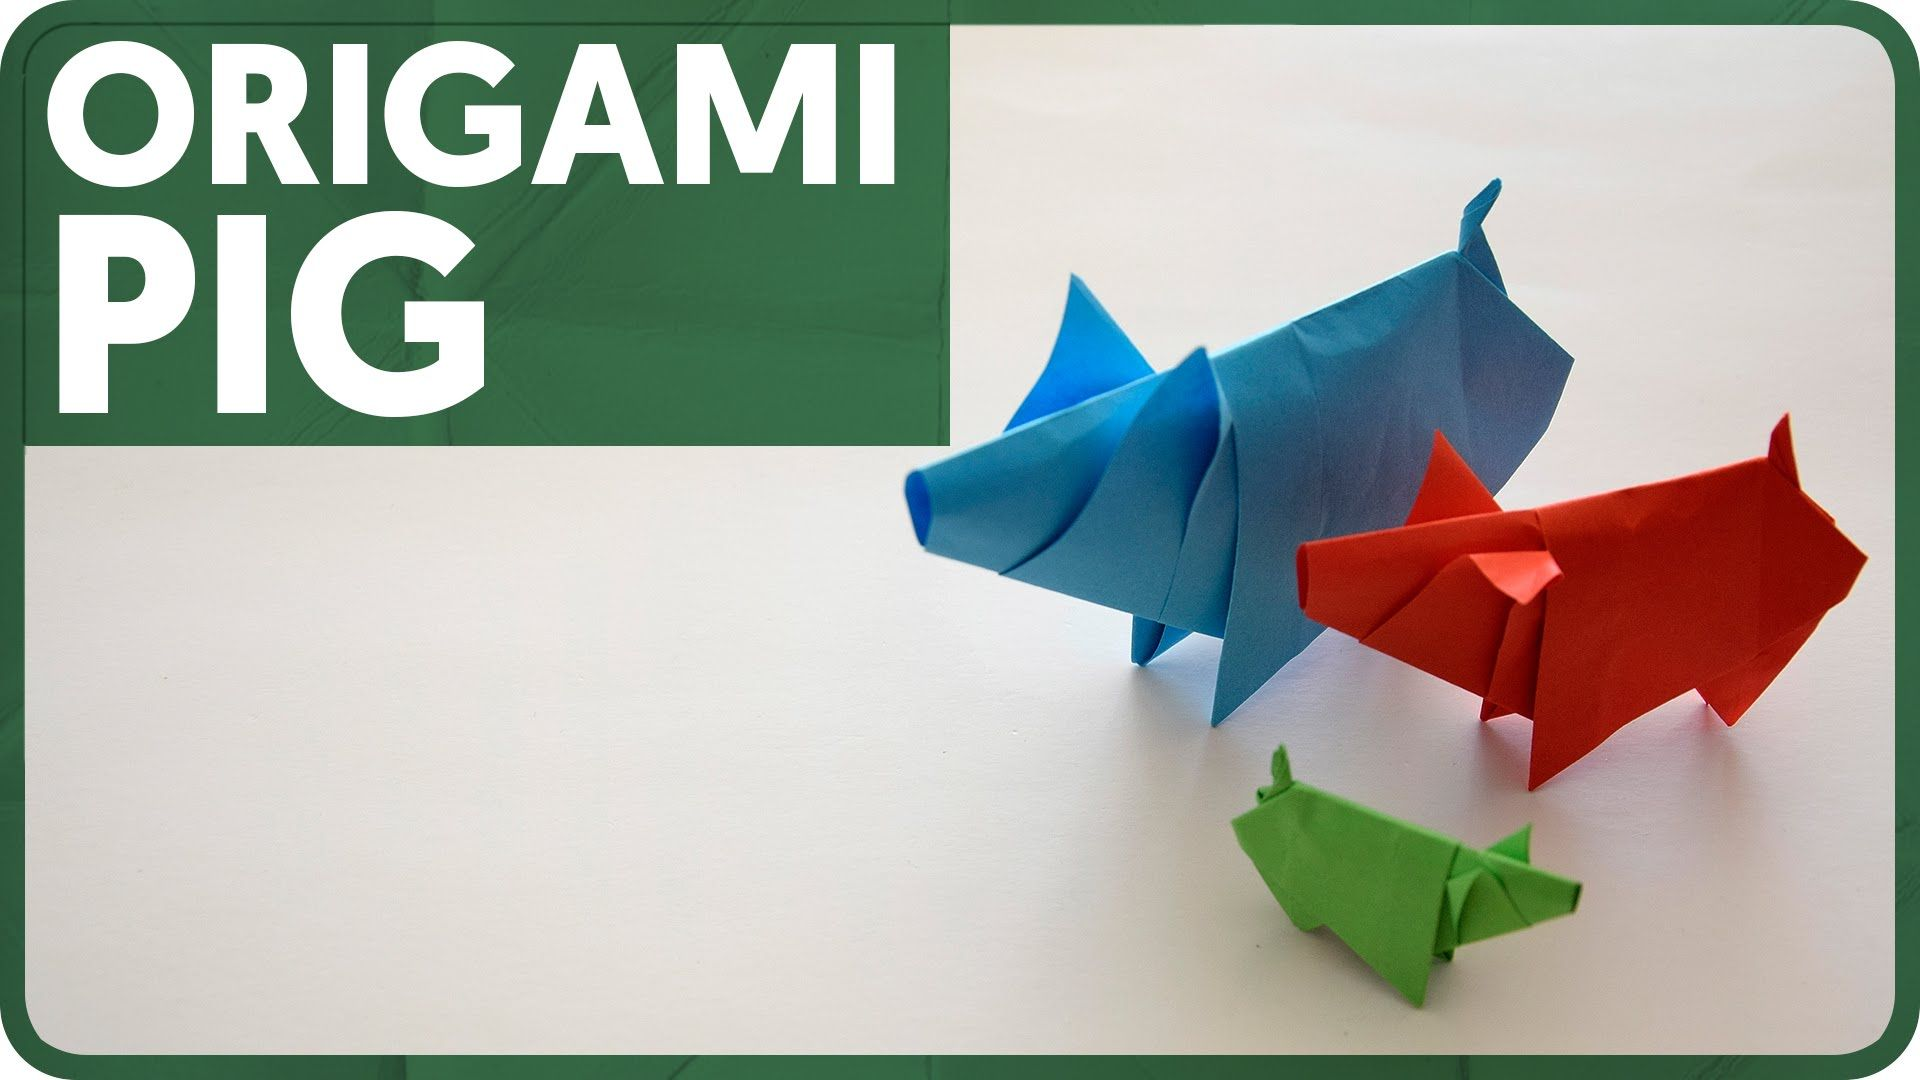 Origami Pig (Eduardo Clemente)   Origami: Flora and Fauna ... - photo#28